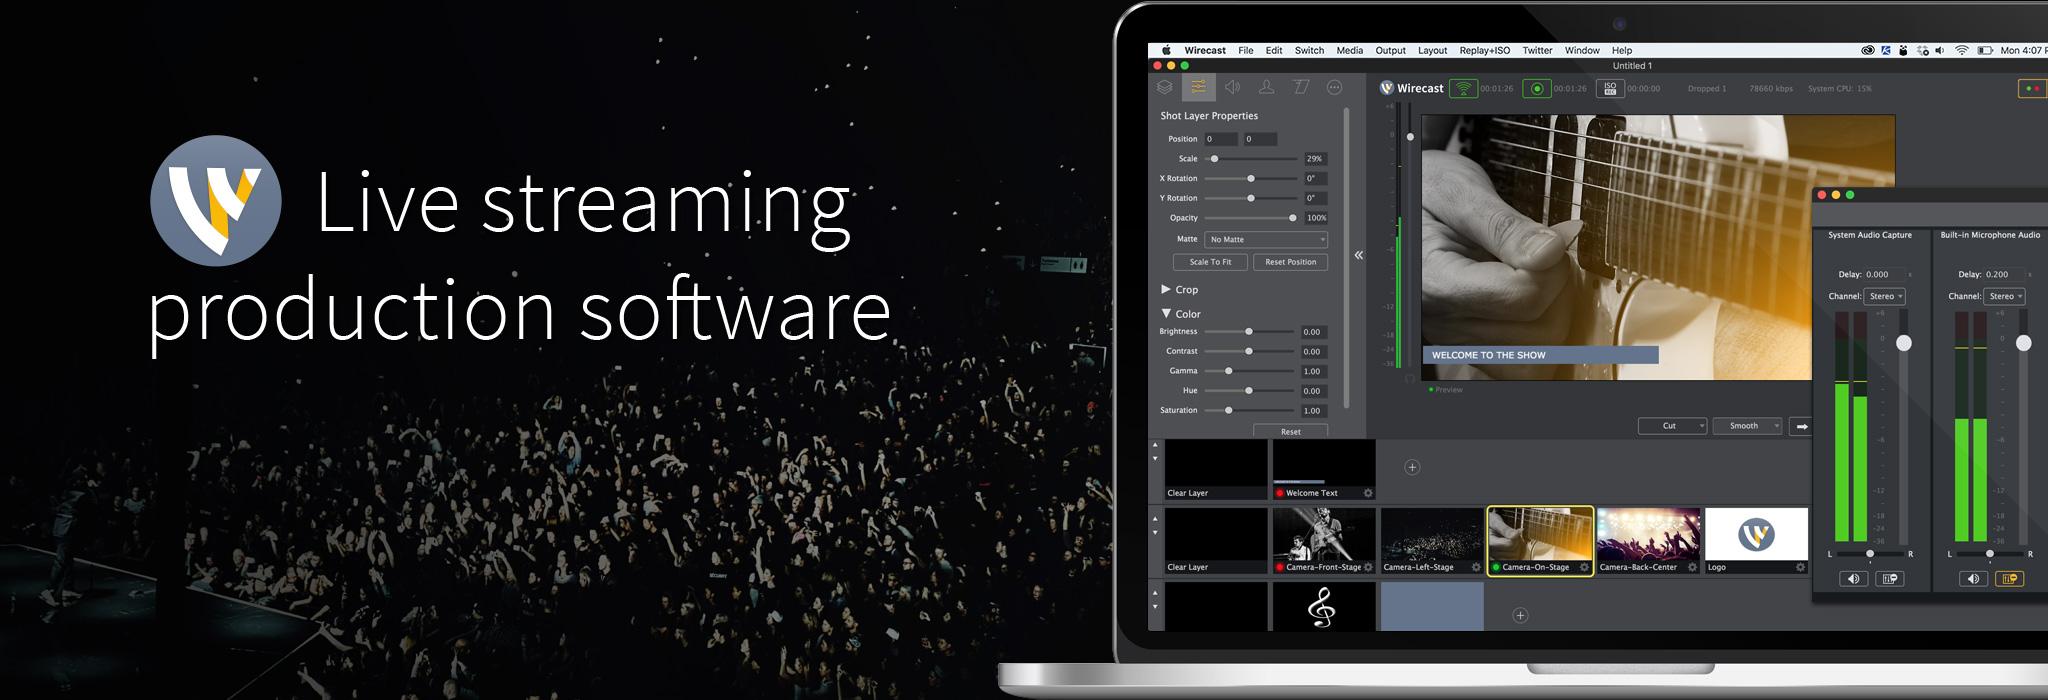 Wirecast Pro for Mac 8.1.0 破解版 – 专业摄像直播视频工具-爱情守望者